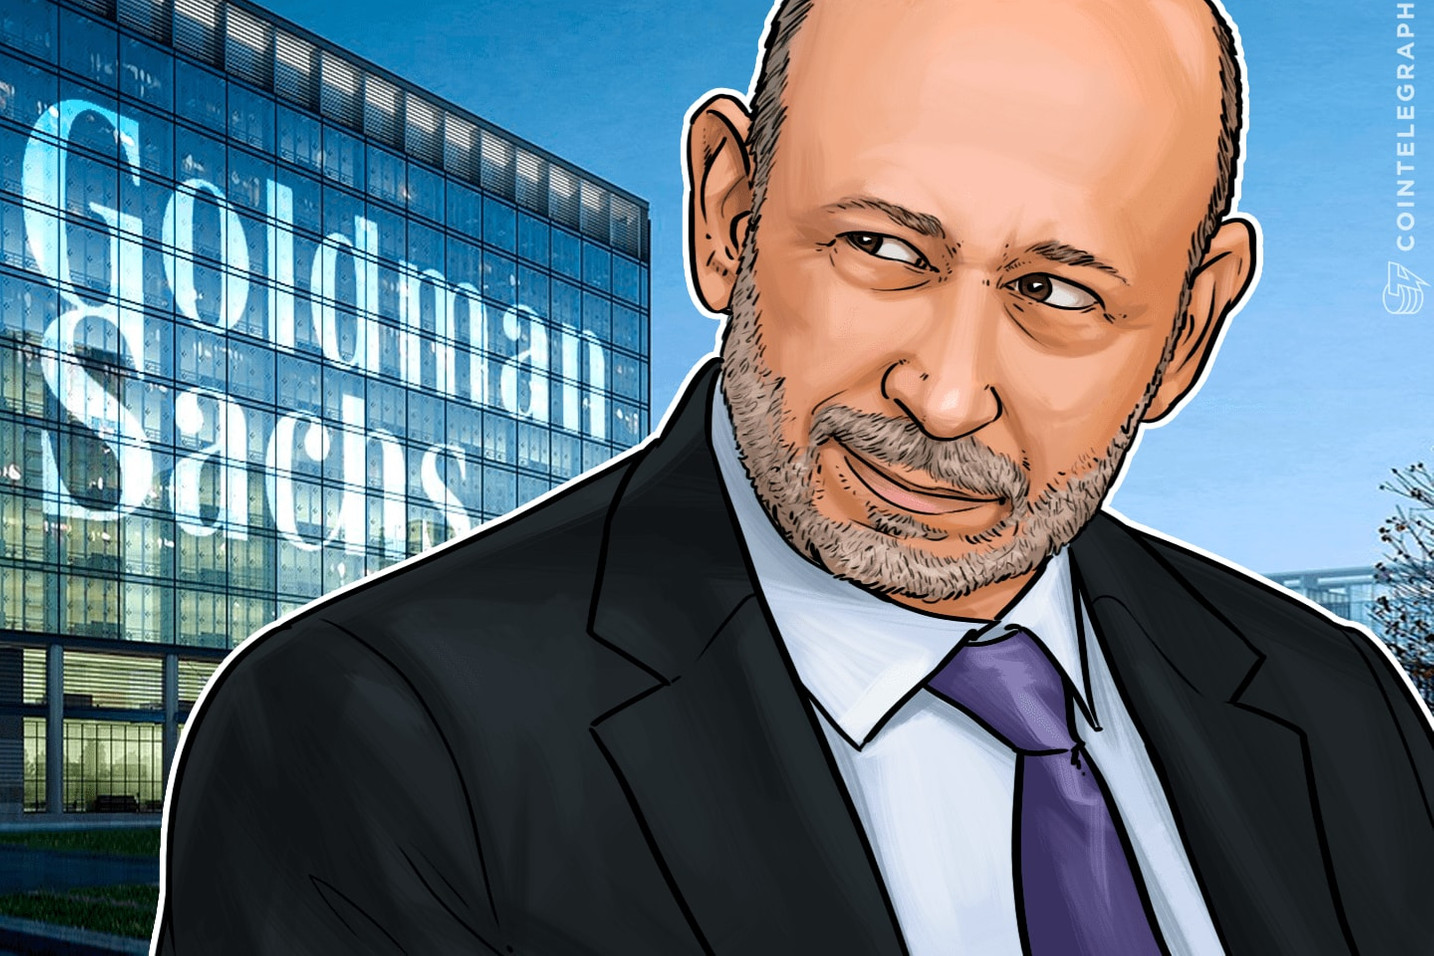 """CEO da Goldman Sachs: """"Arrogância demais"""" pensar que a cripto não vai funcionar porque é """"estranha"""""""